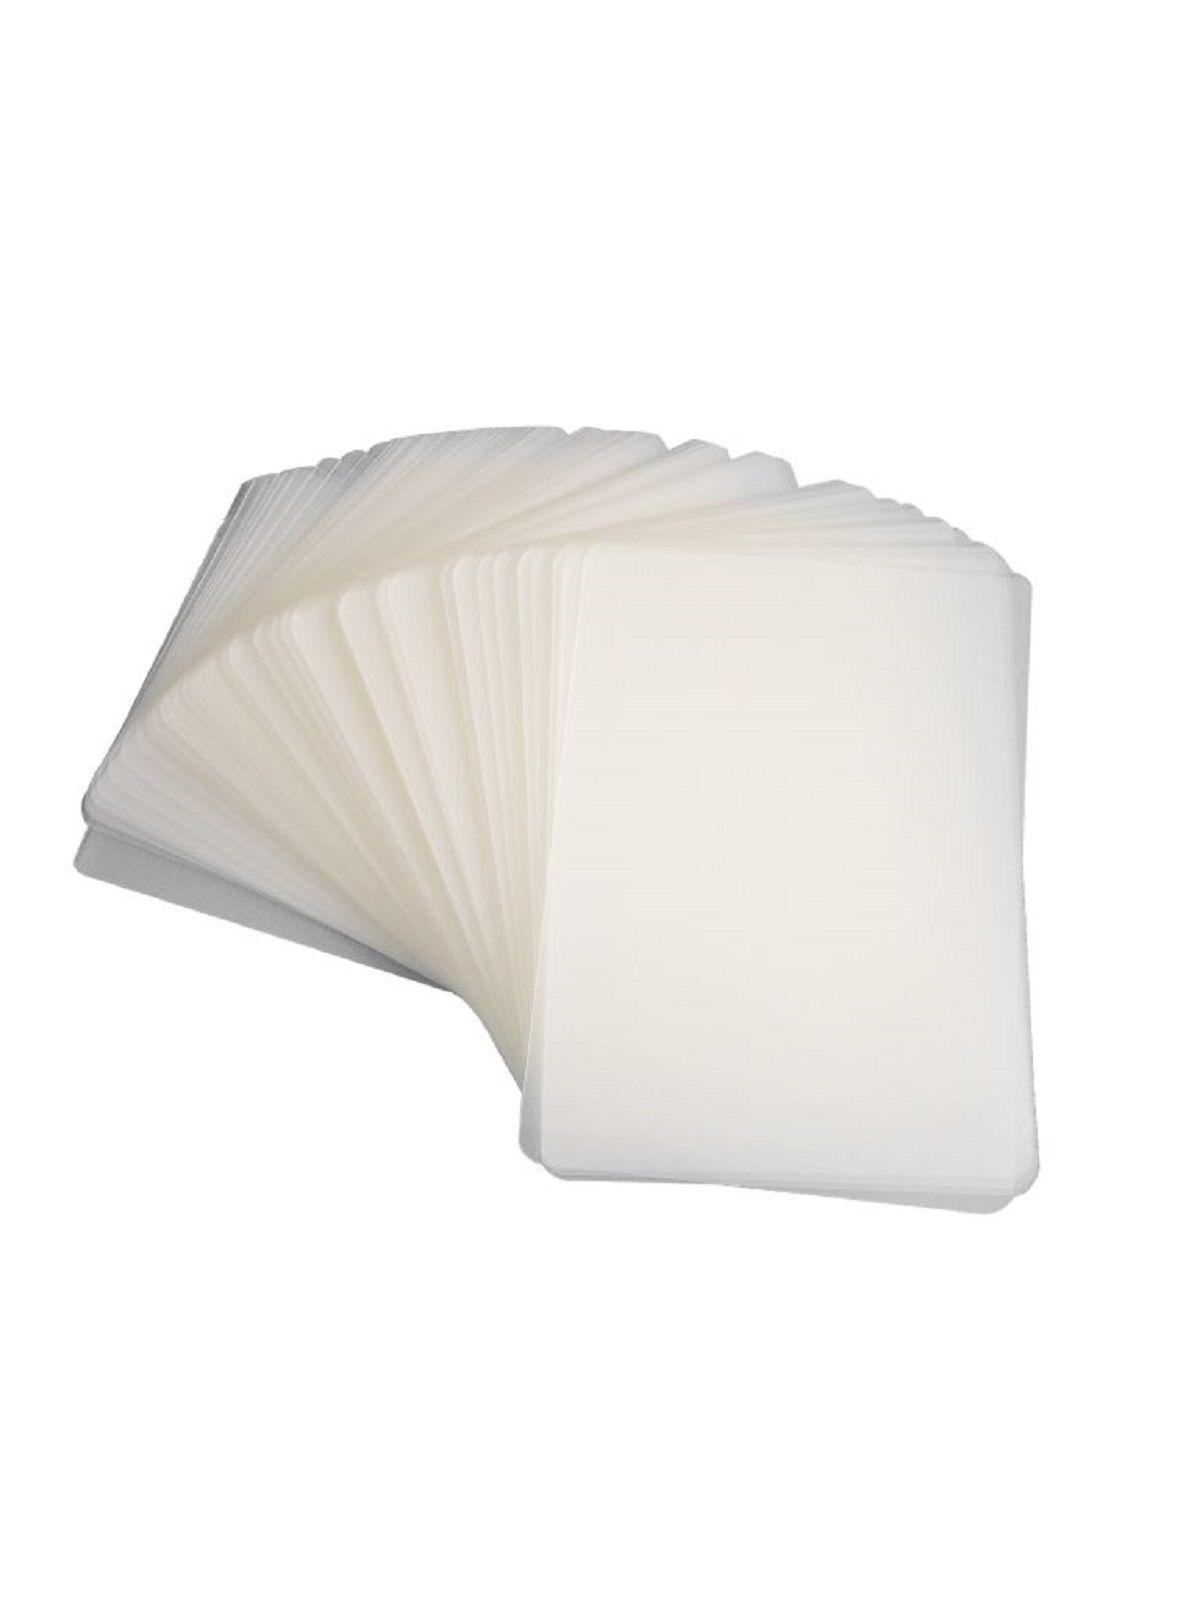 Kit 60 Plásticos Polaseal para Plastificação 0,05mm (125 micras)   - Click Suprimentos